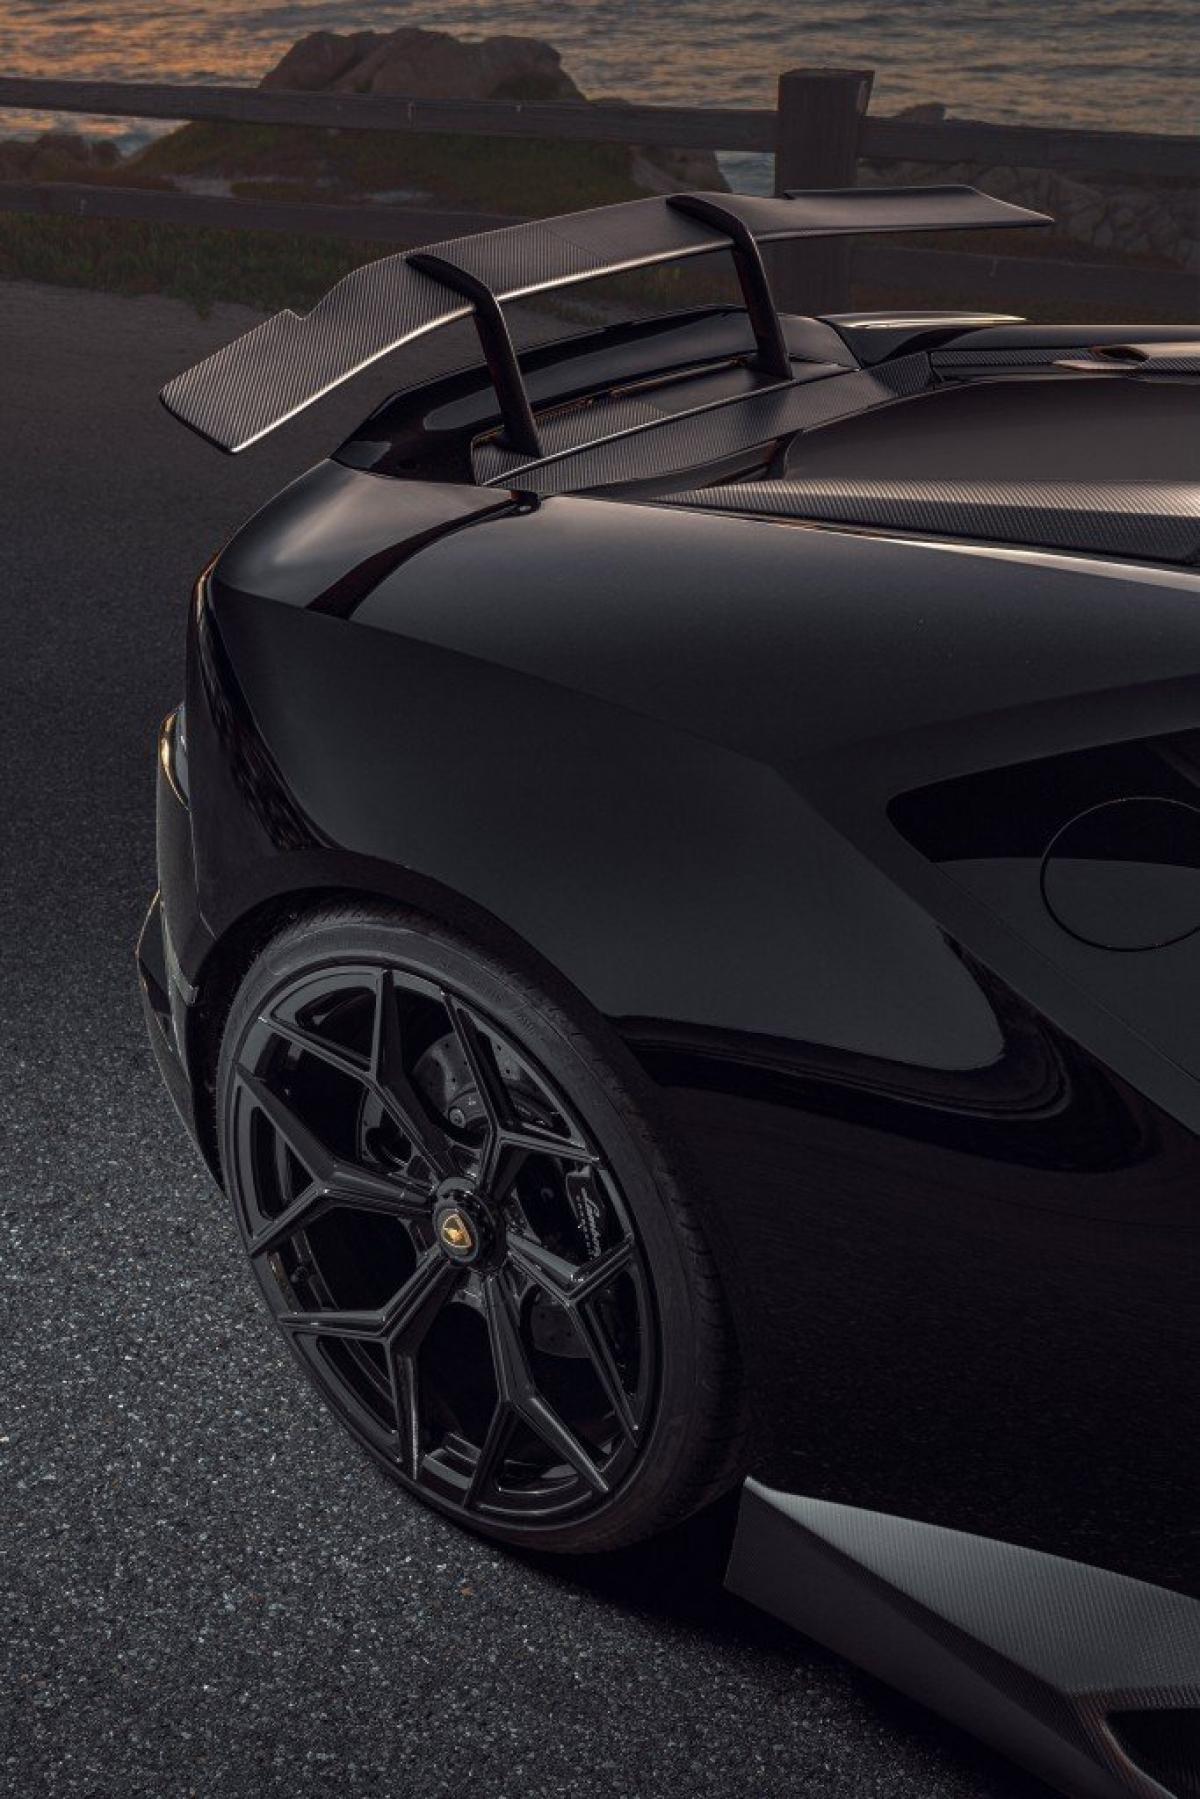 Tất cả các chi tiết nâng cấp ngoại thất bên ngoài của Novitec dành cho Lamborghini Huracan EVO RWD có thể được lựa chọn hoàn thiện bề mặt sợi carbon mờ hoặc phủ bóng.